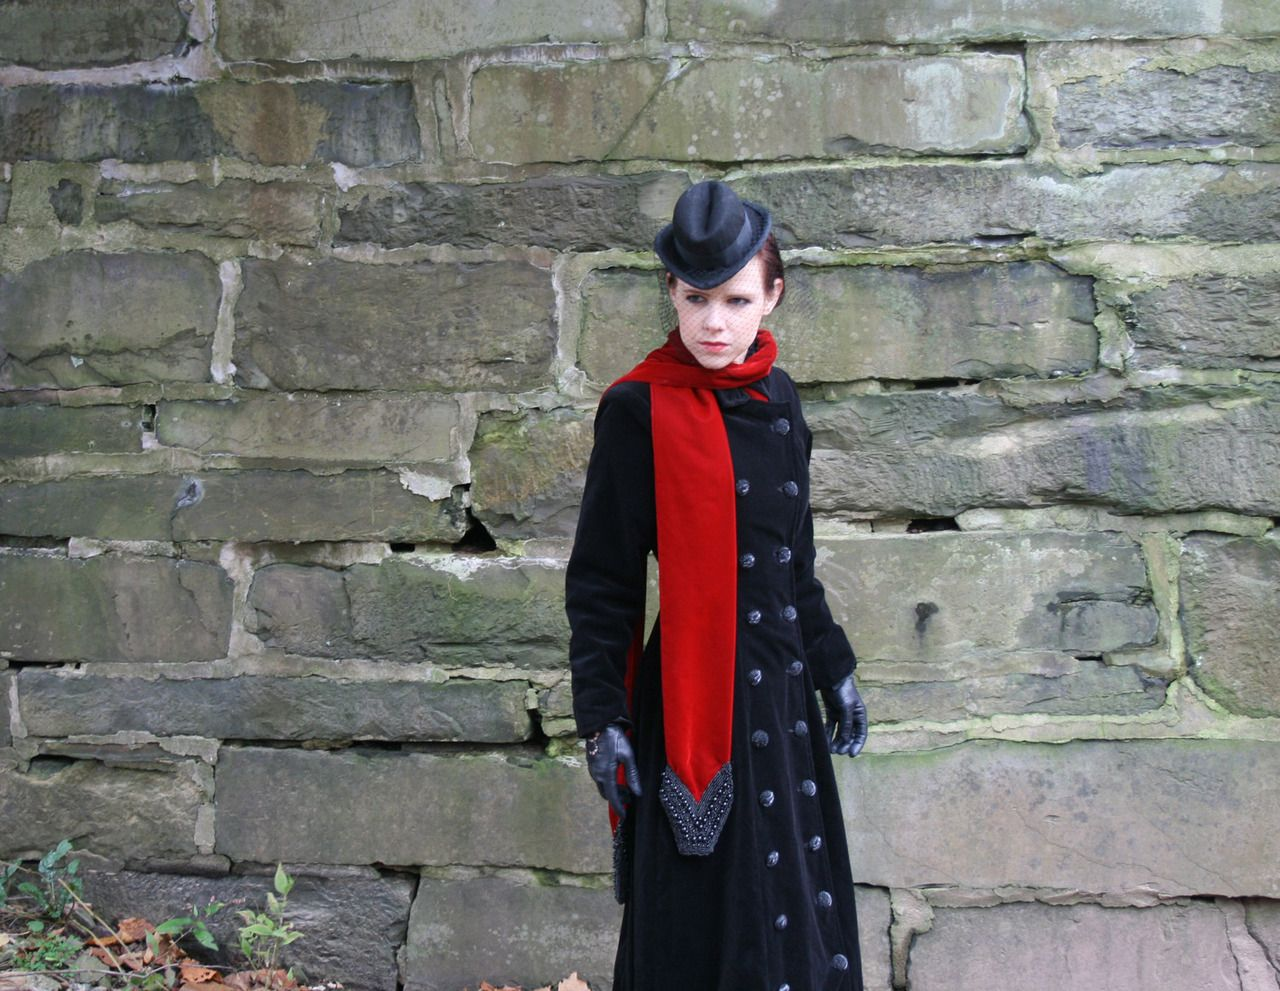 Mina Harkers Victorian Wardrobe The League Of Extraordinary Gentlemen